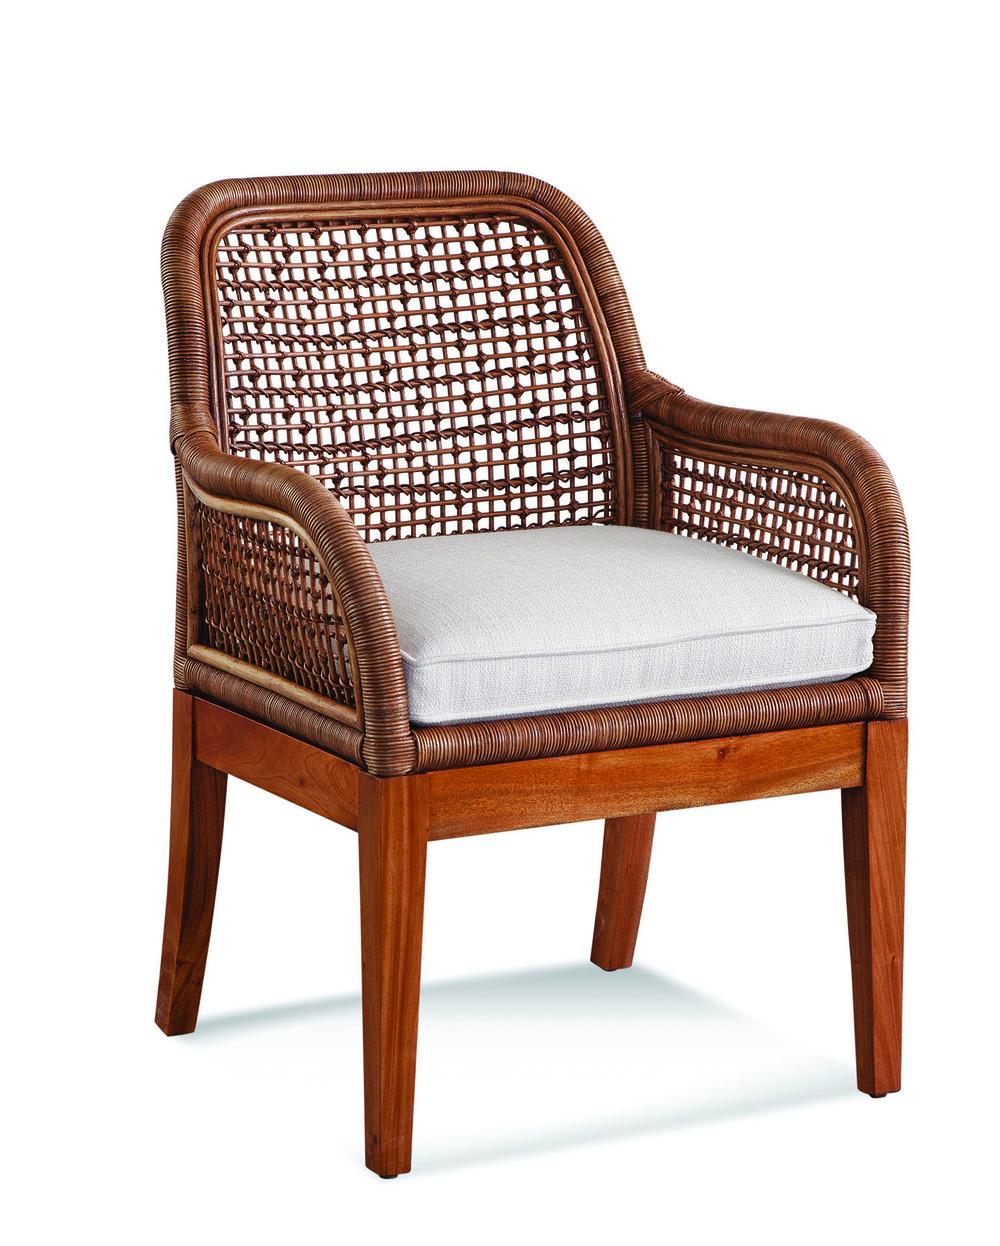 Braxton Culler - Boone Arm Chair